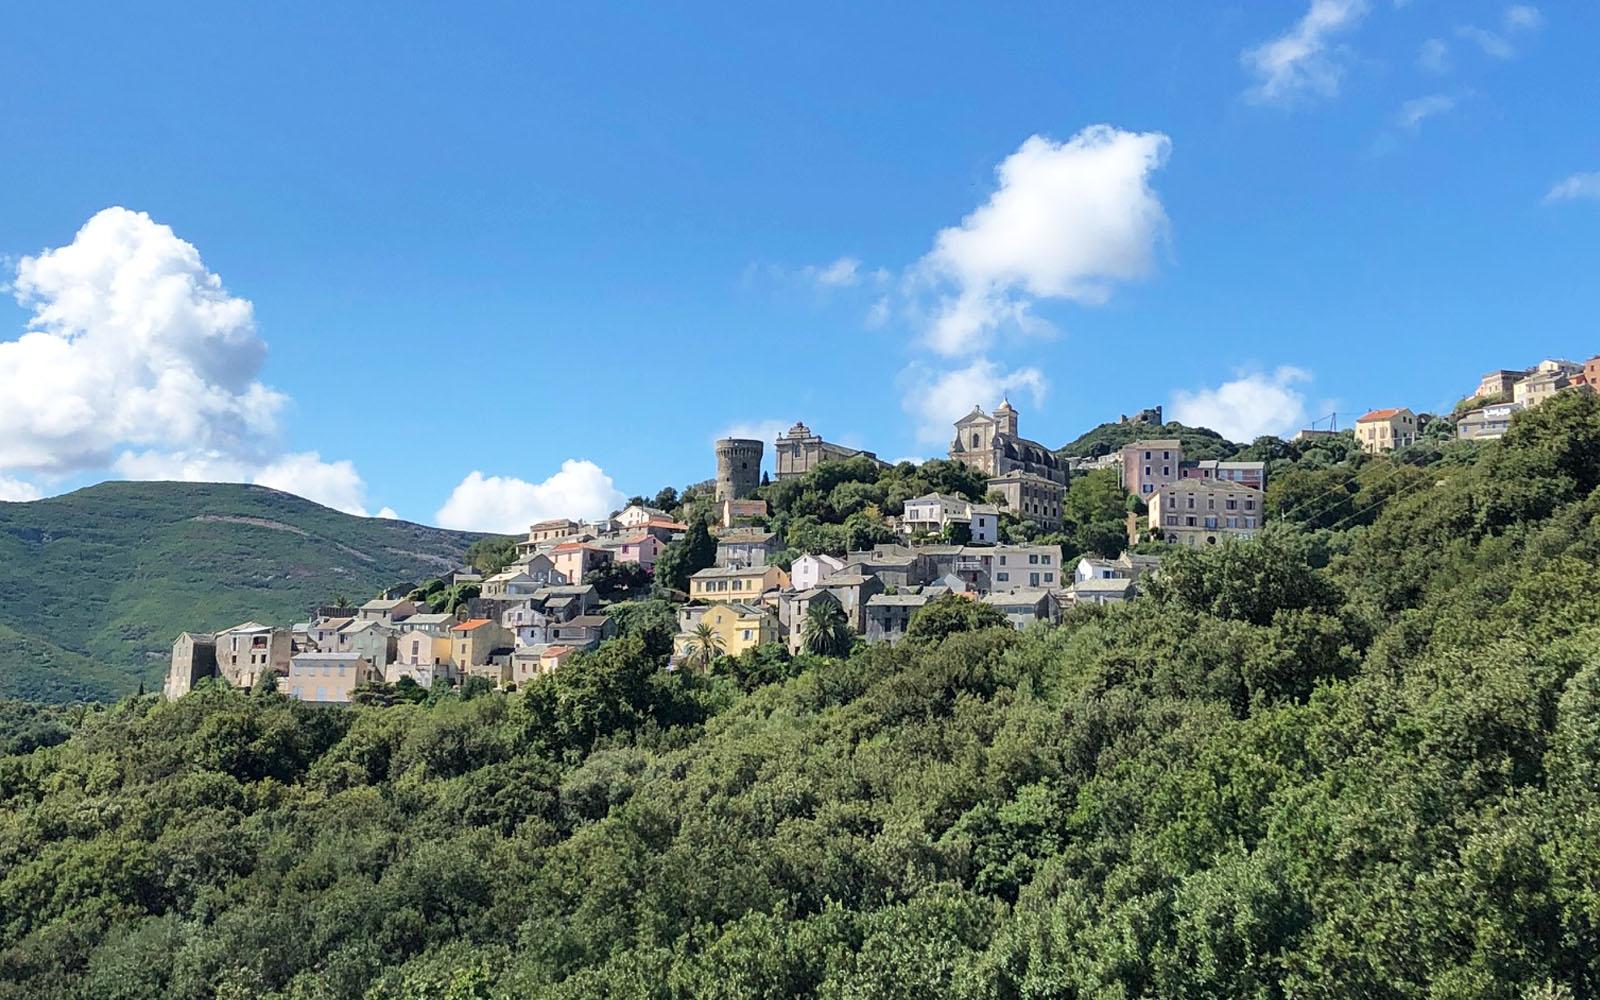 Rogliano, abbarbicato sulle montagne. © oltreilbalcone